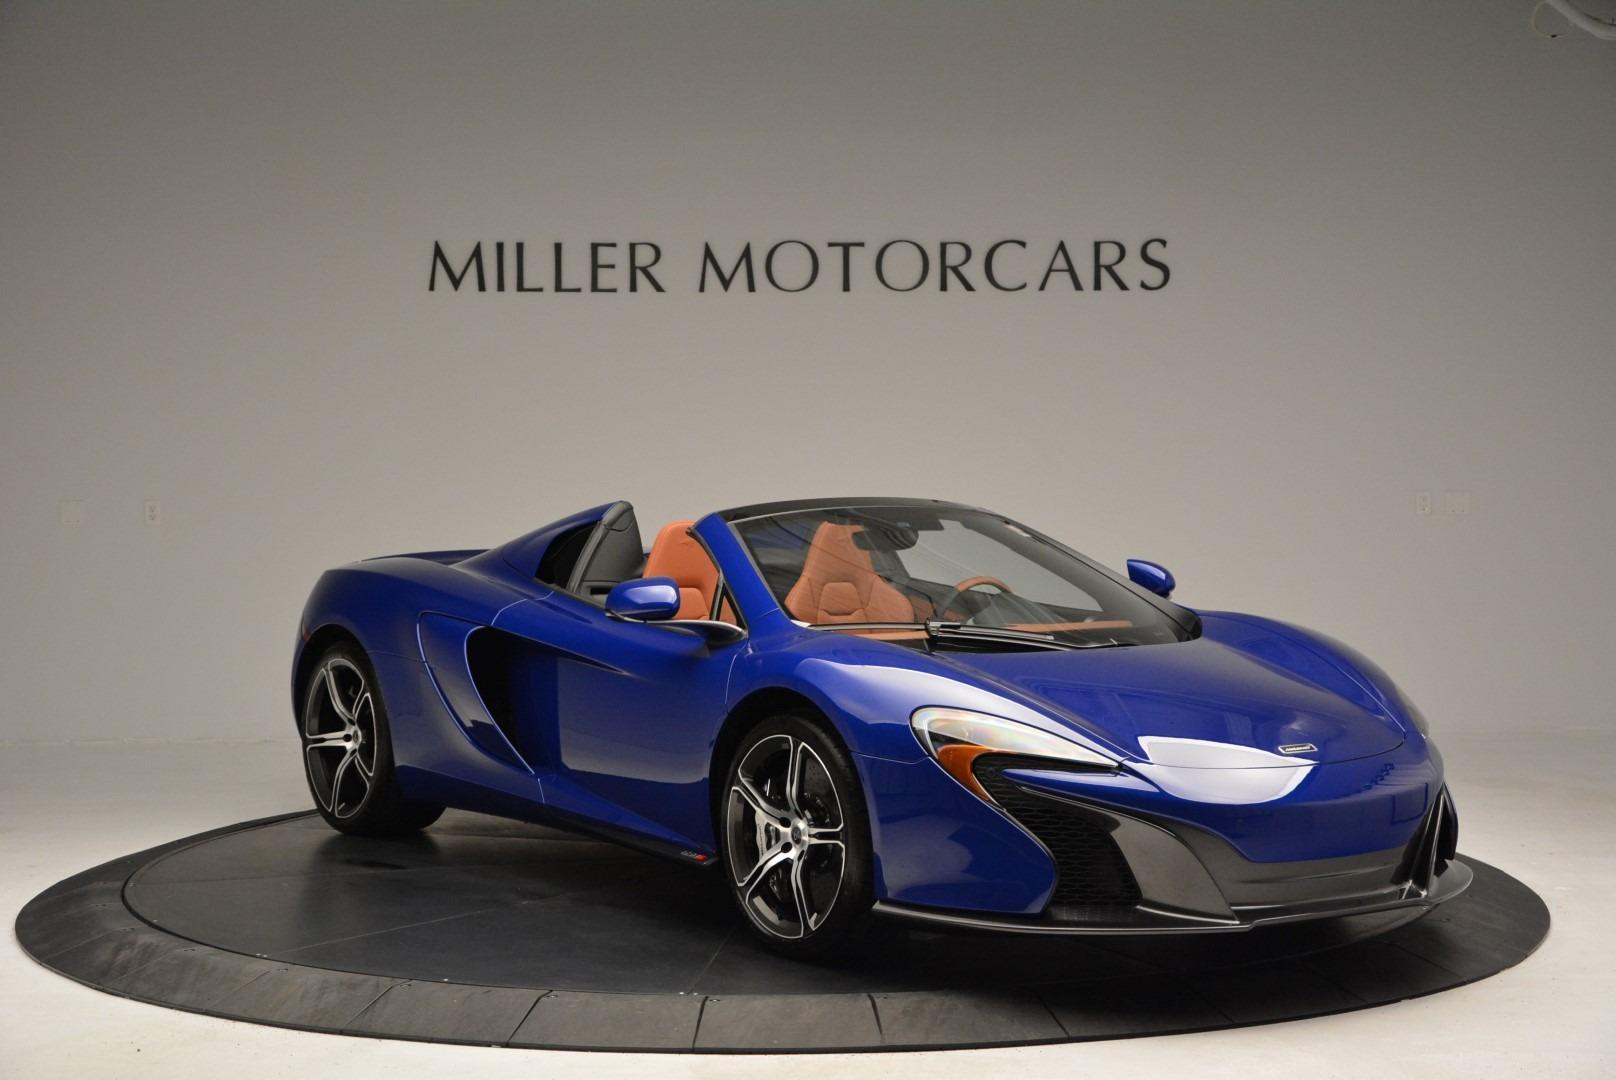 Used 2015 McLaren 650S Spider Convertible For Sale In Westport, CT 3112_p11